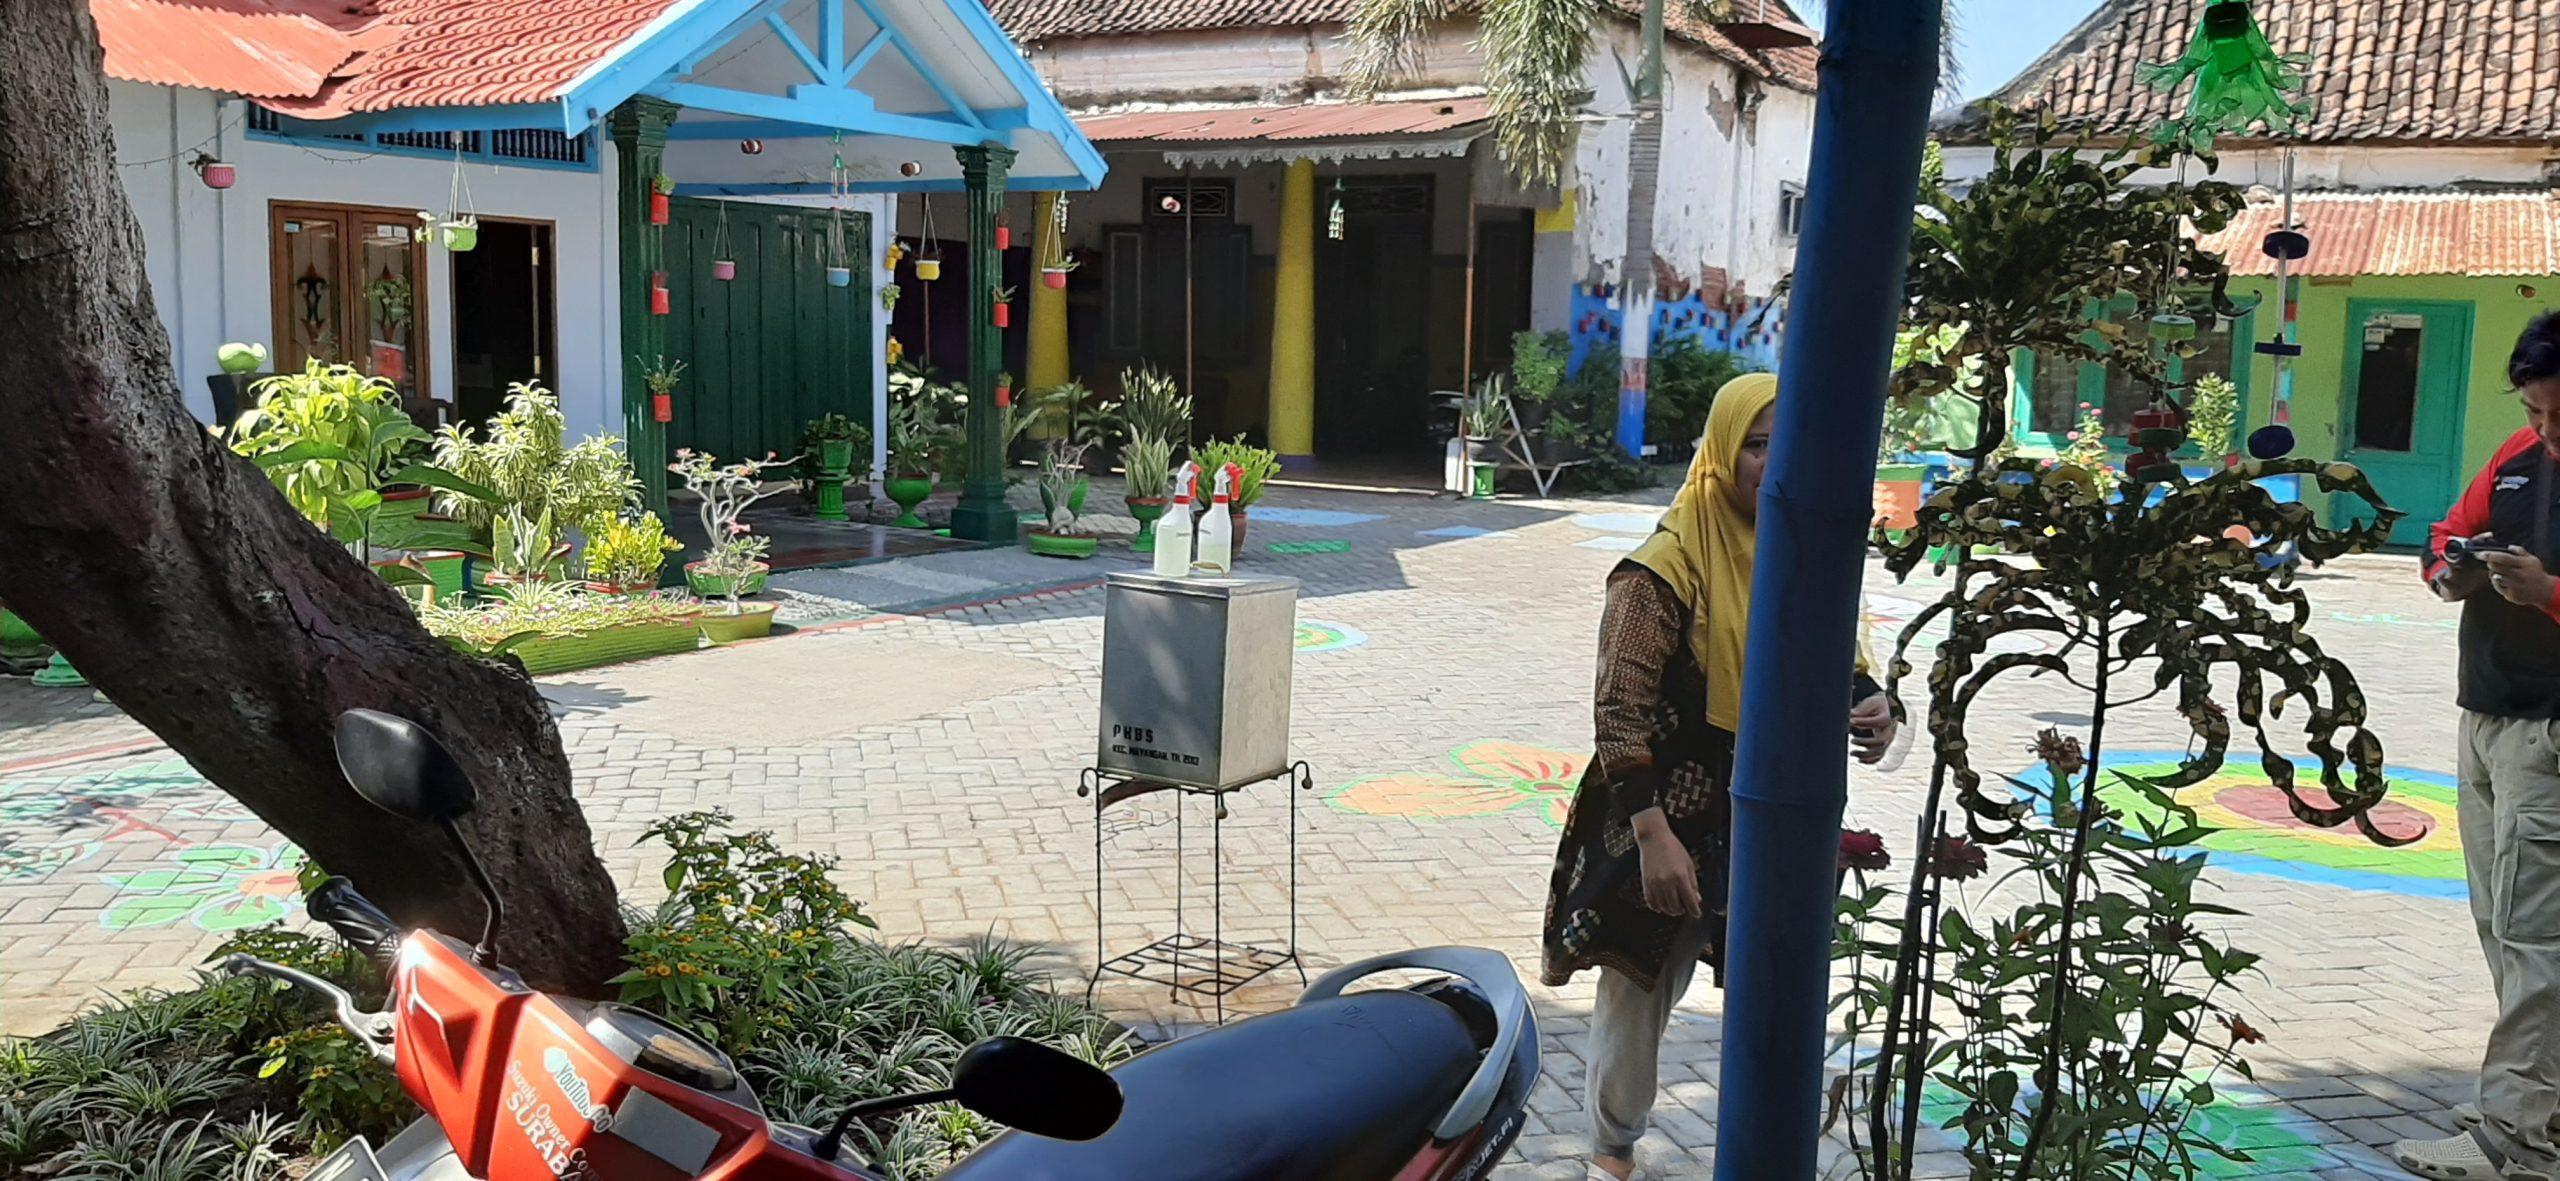 Kampung Bersih di Kota Probolinggo Antisipasi Penyebaran Virus Covid - 19 Ala Kampung Dalang